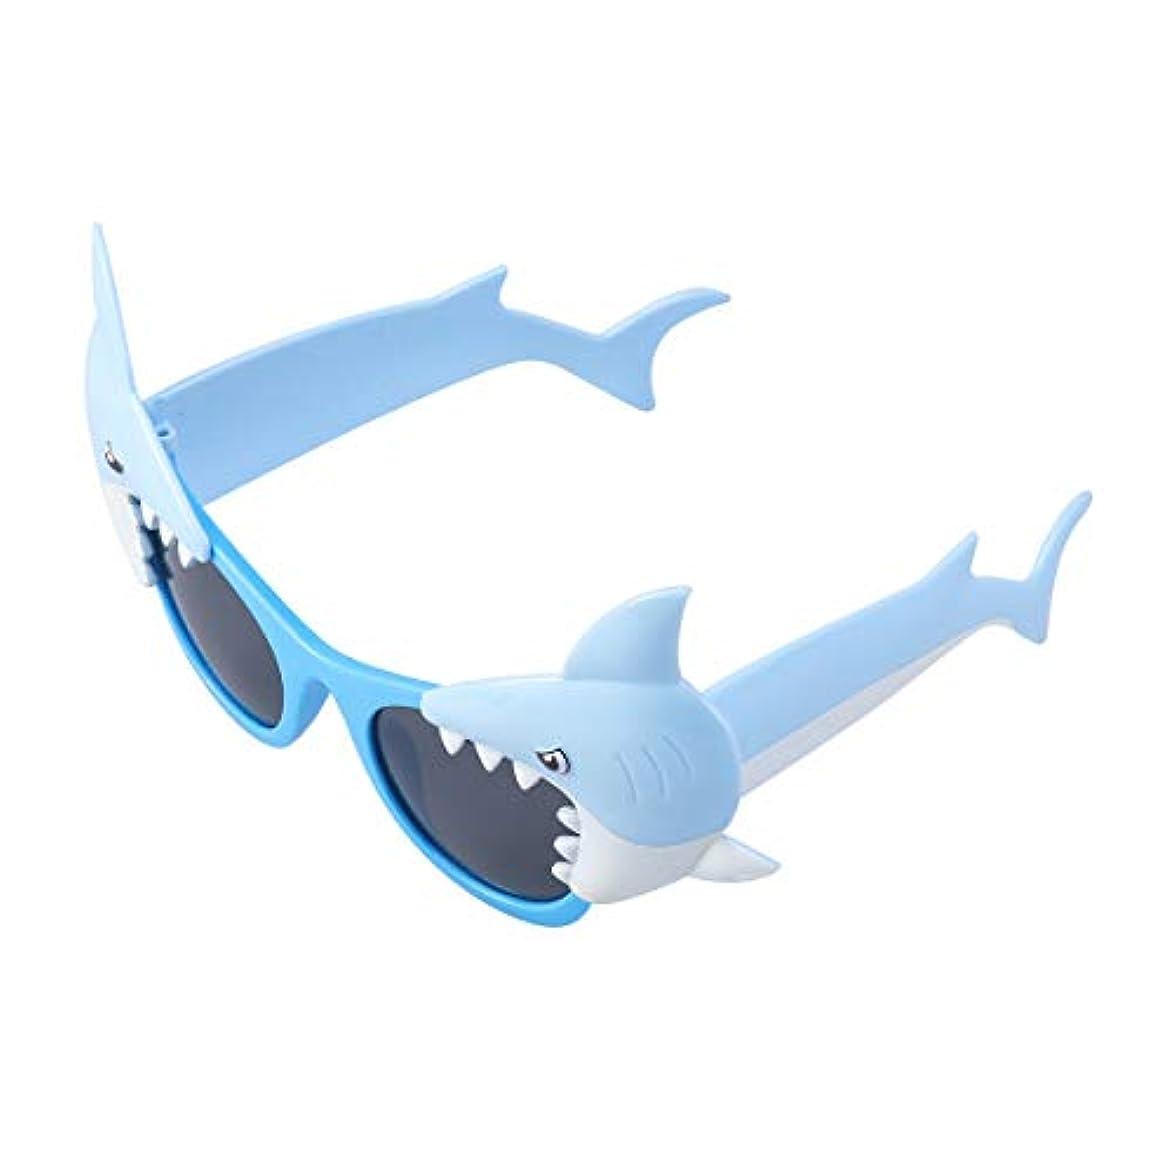 平行継承銀河BESTOYARD パーティーサングラスサメの形ノベルティおかしい眼鏡用仮装トリックパーティーコスチューム小道具